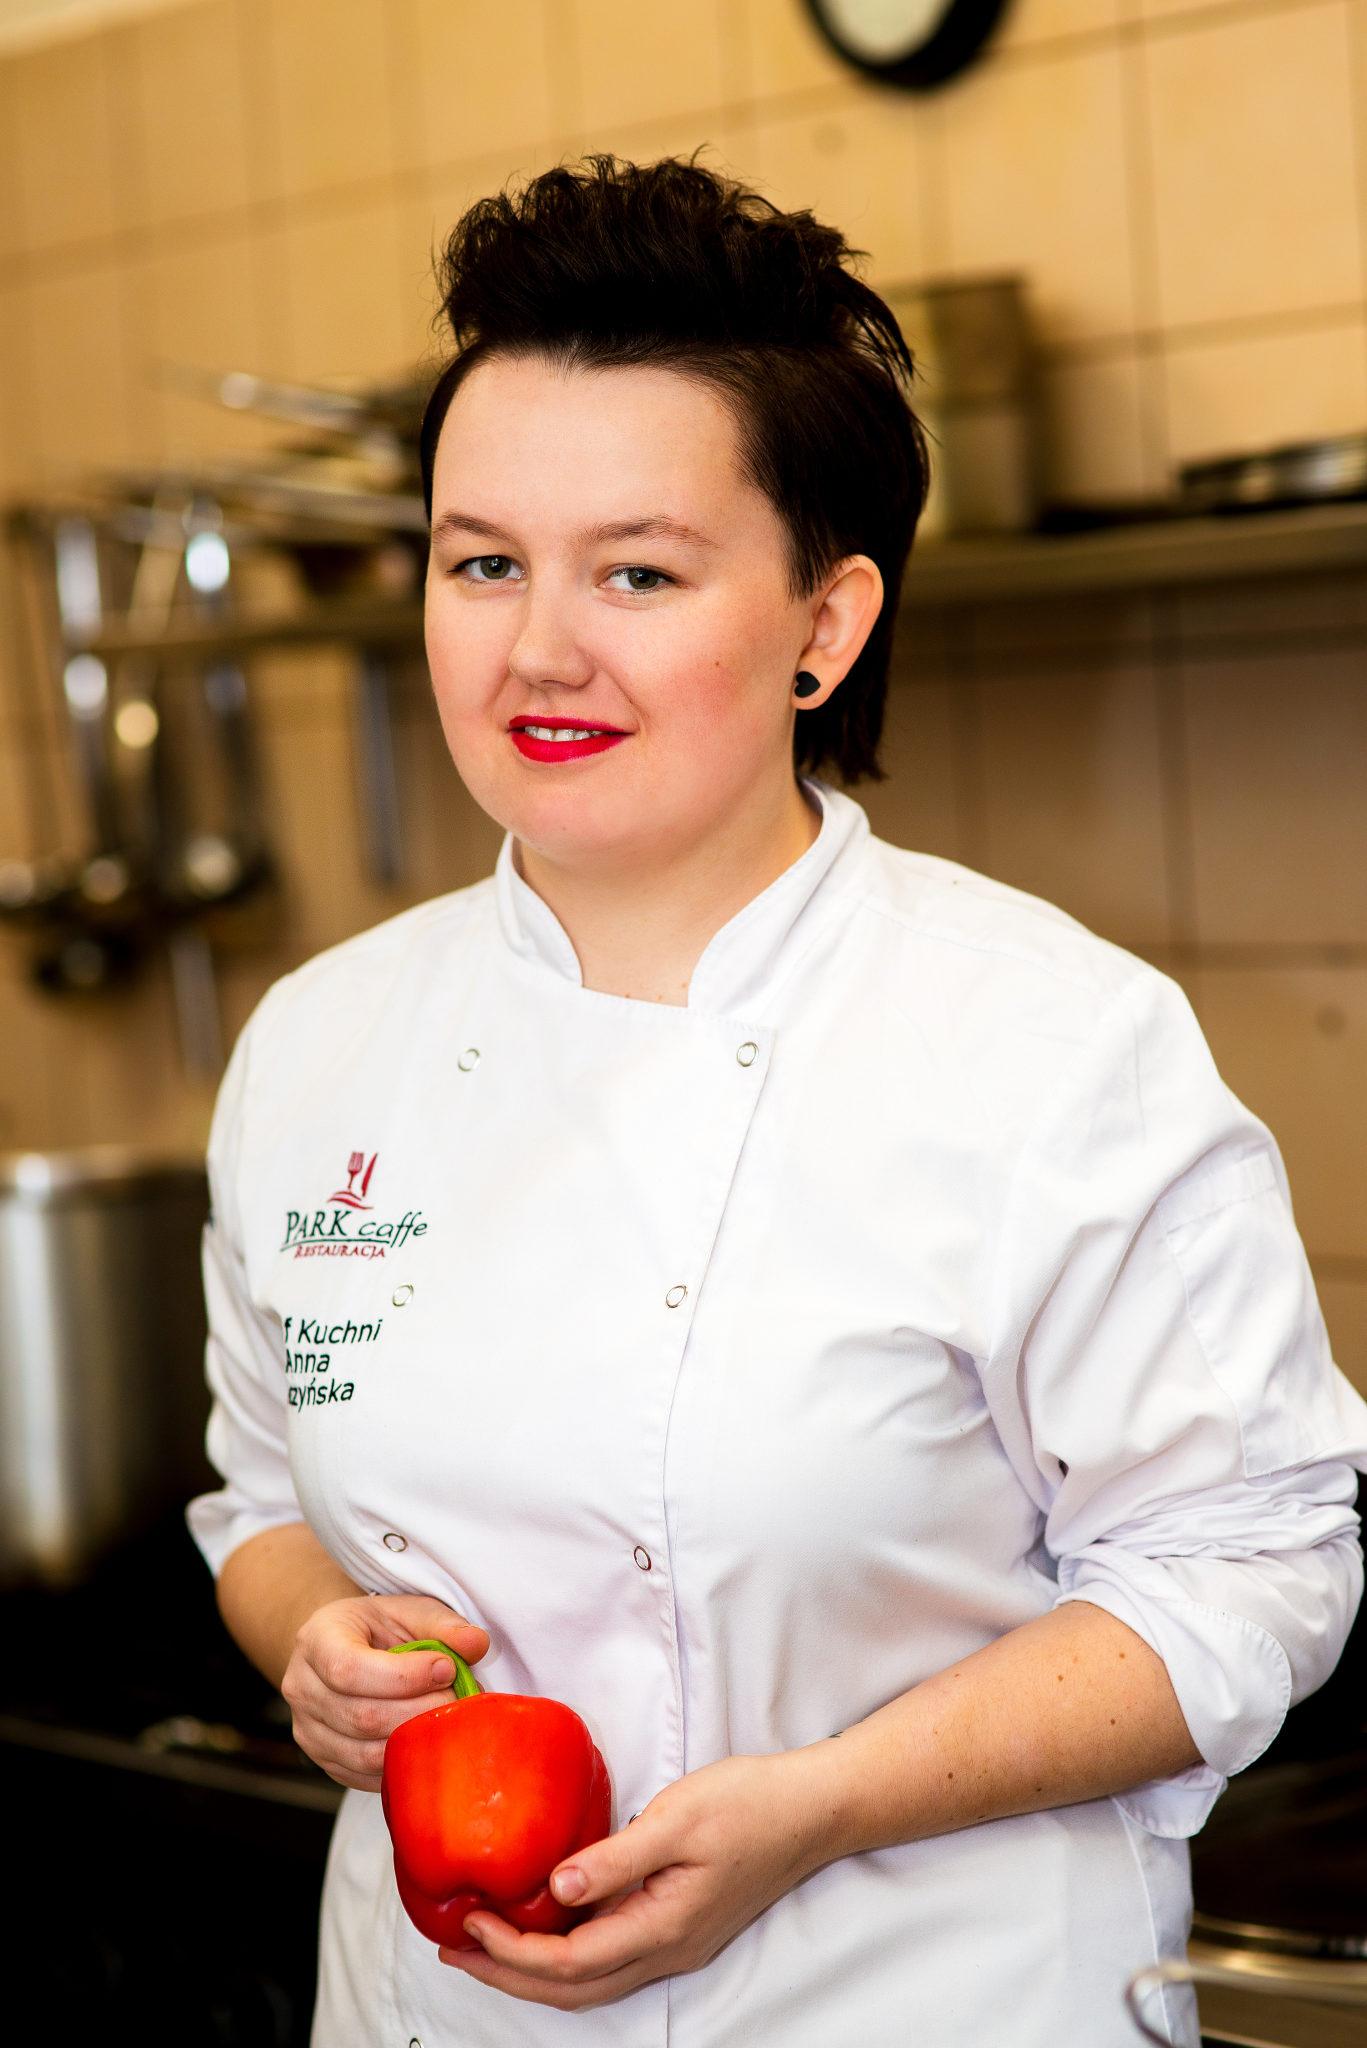 Anna Pałczyńska, szef kuchni restaturacji Park Caffe w Koszalinie